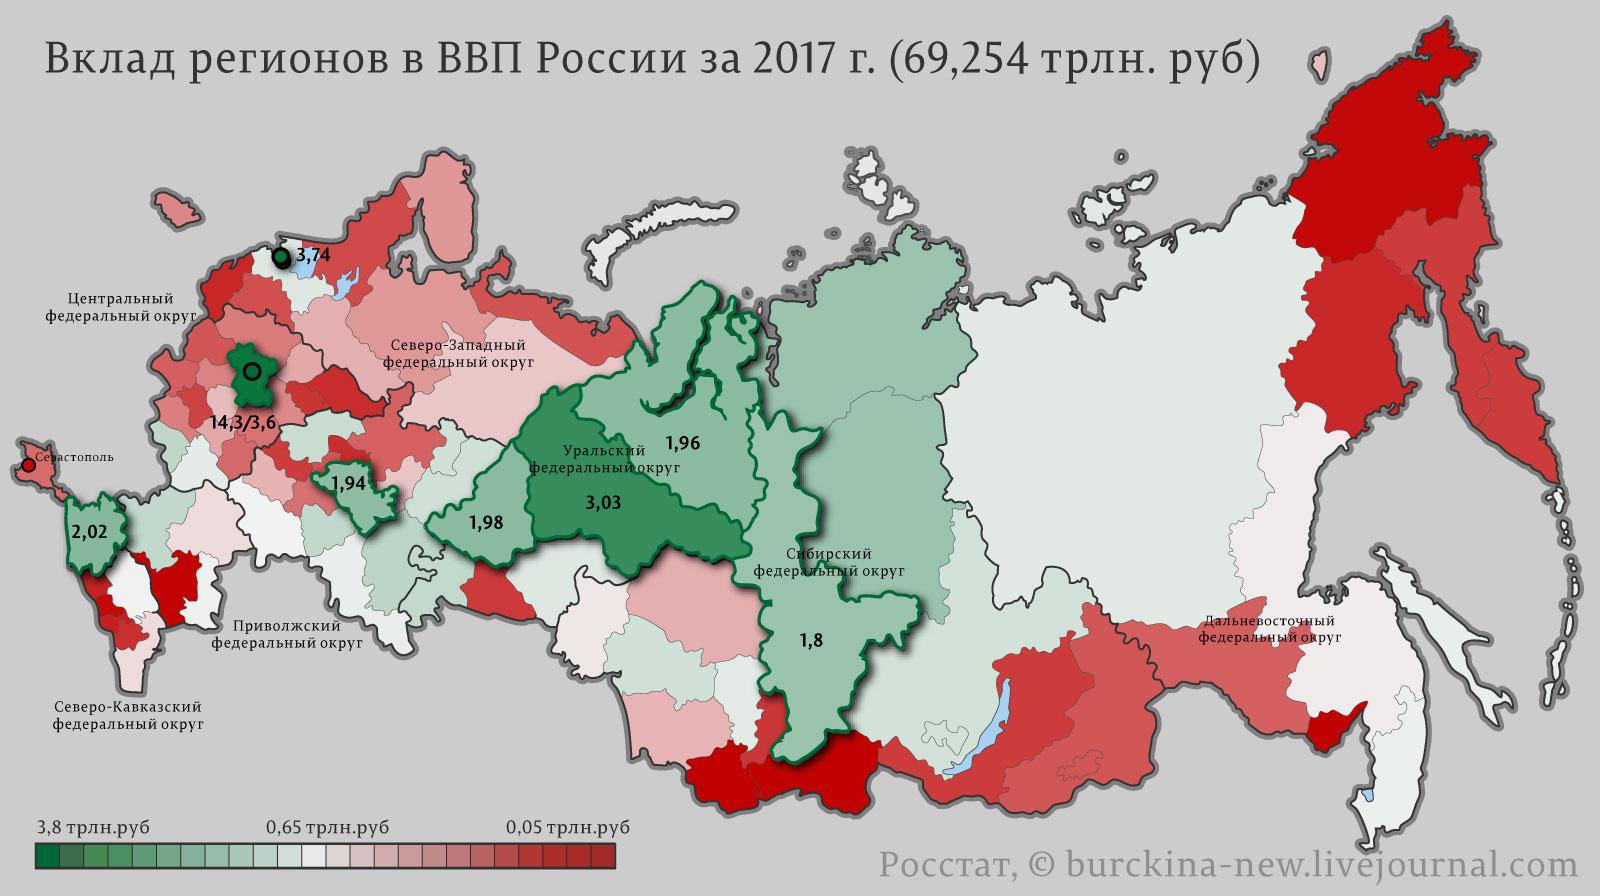 Володин, уподобившись Путину, винит во всем СССР